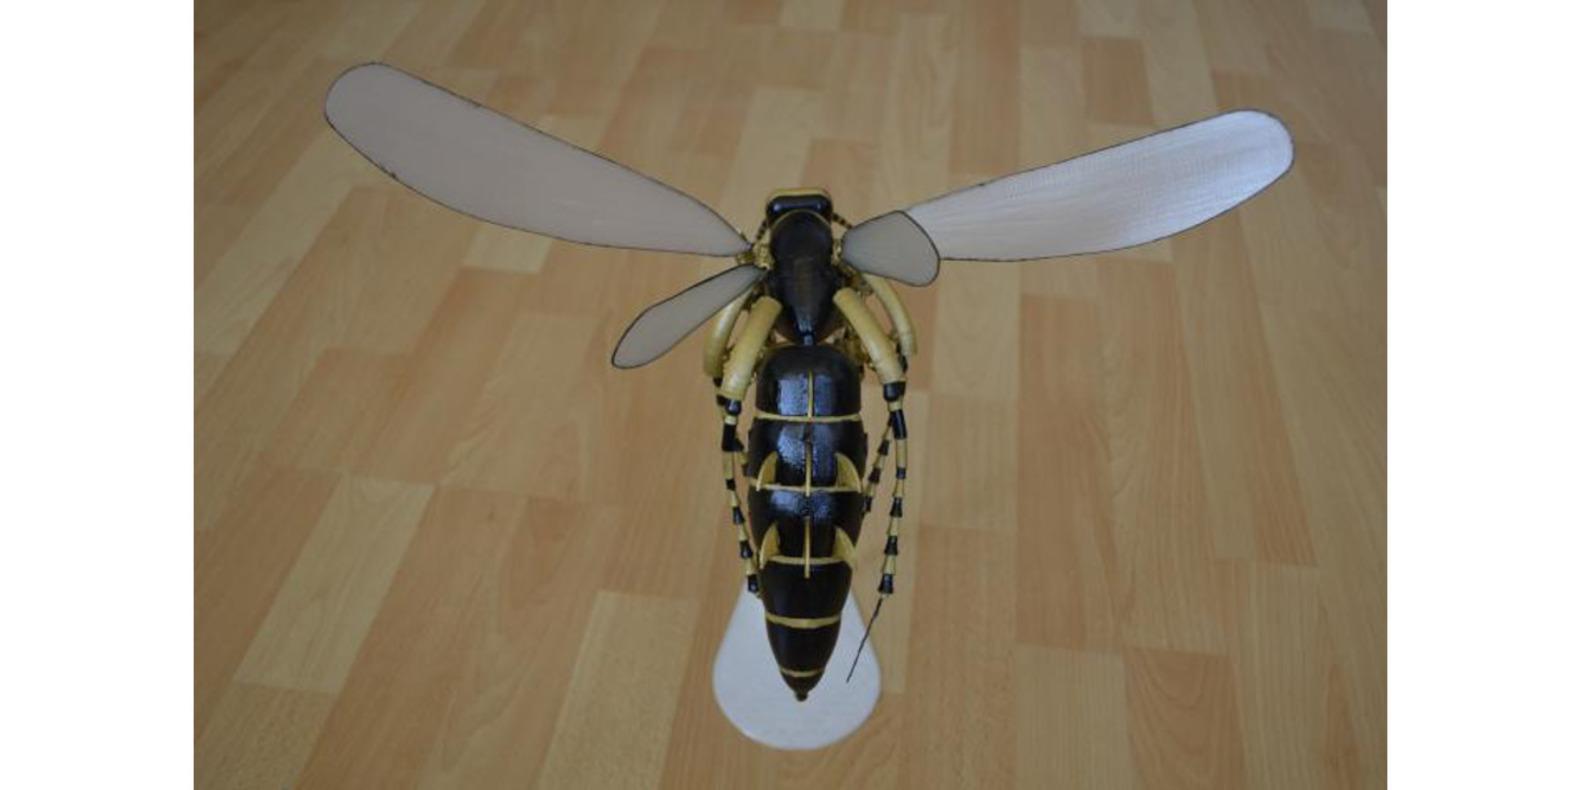 La avispa robótica impresa en 3D